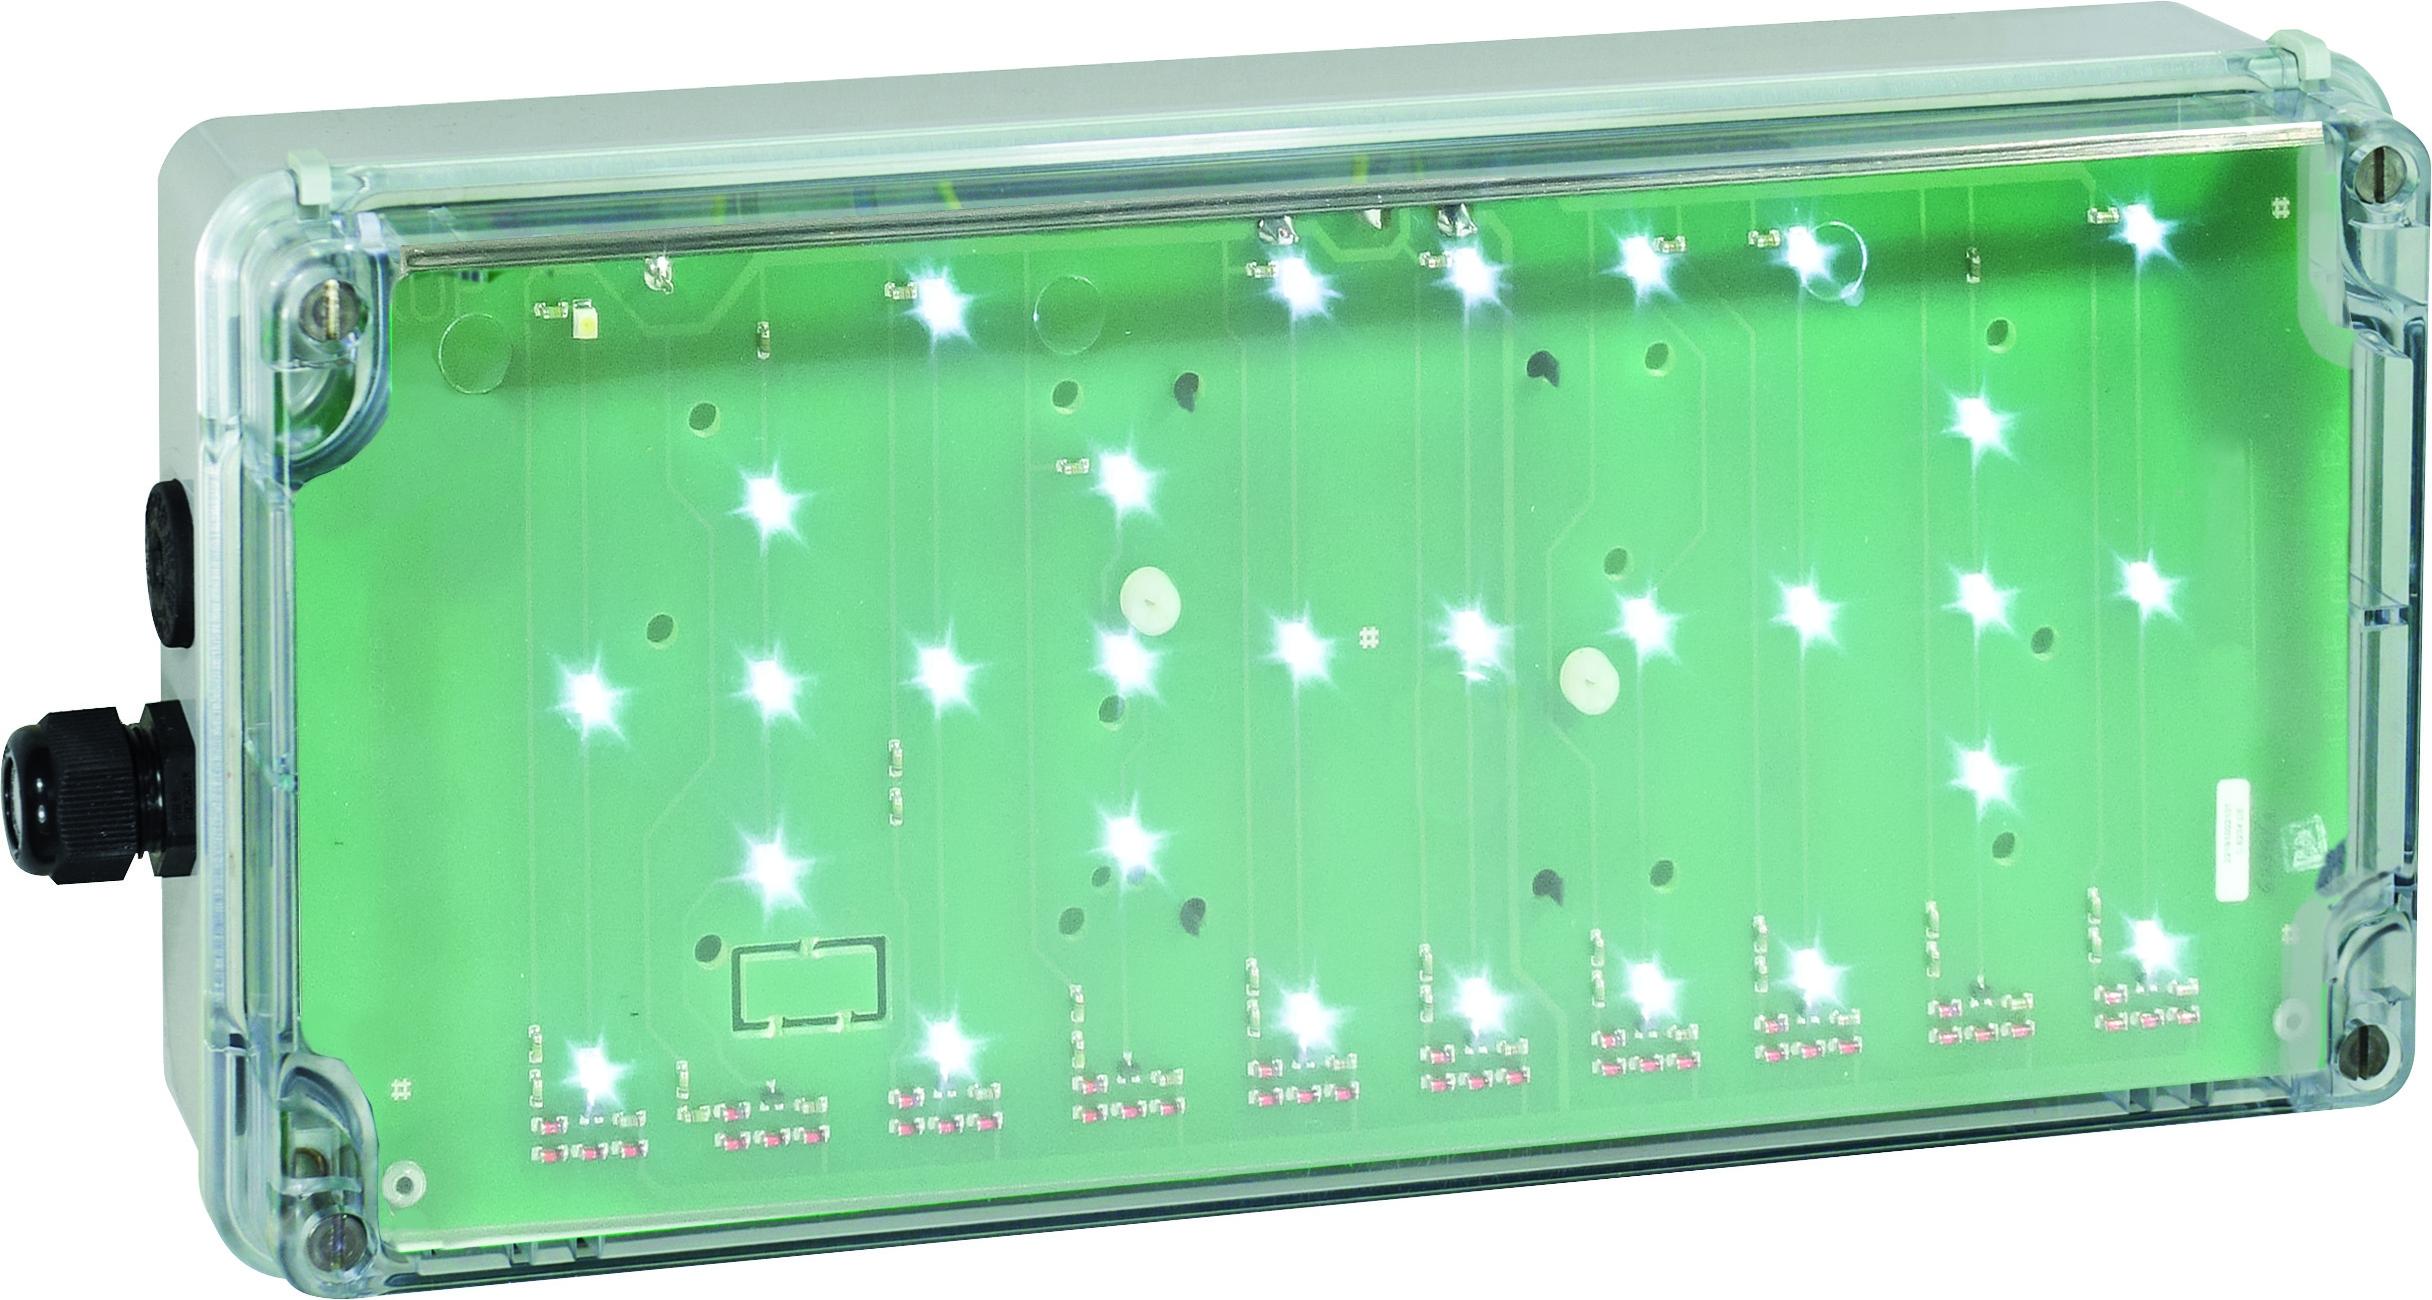 1 Stk Ex-Notleuchte EXIT Zone 1/21 LED 230 VAC/DC, transparent NL91000004